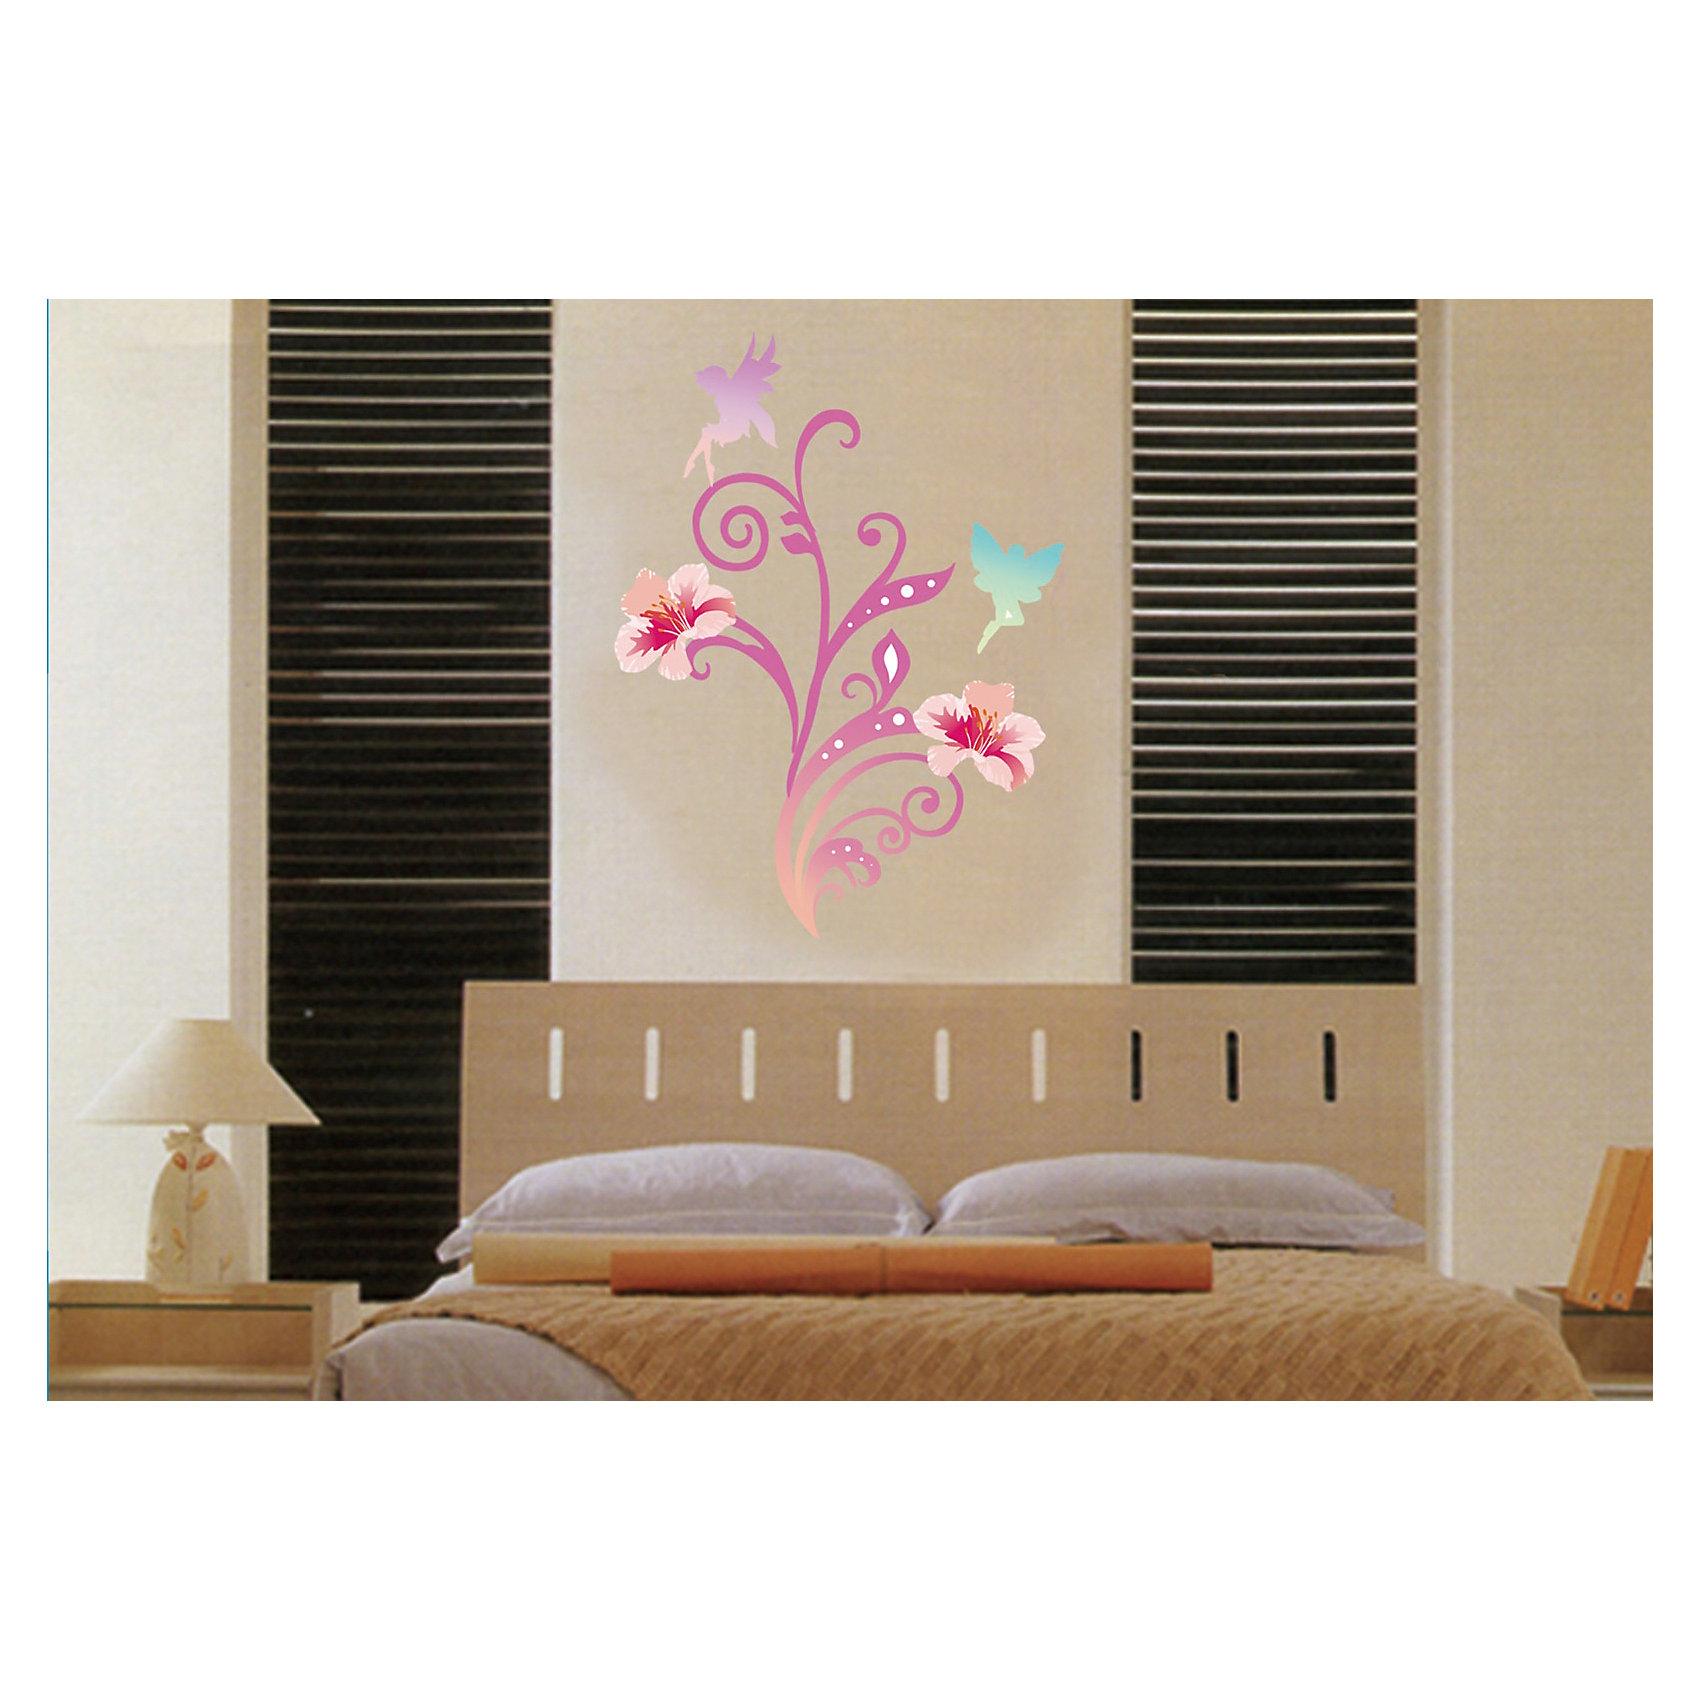 Настенное украшение Волшебный мир 35*52 см (розовый)Всё для праздника<br>Декоративное настенное украшение в виде фей и бабочек поможет украсить дом и отлично впишется в любой интерьер. Украшение состоит из 21 элемента на клеевой основе.<br><br>Дополнительная информация:<br><br>- Материал: ПВХ.<br>- Размер: 35х52 см.<br>- Комплектация: 21 самоклеющийся элемент.<br>- Цвет: розовый.<br><br>Настенное украшение Волшебный мир 35х52 см (розовое) можно купить в нашем магазине.<br><br>Ширина мм: 5<br>Глубина мм: 520<br>Высота мм: 350<br>Вес г: 213<br>Возраст от месяцев: 36<br>Возраст до месяцев: 2147483647<br>Пол: Женский<br>Возраст: Детский<br>SKU: 4501150